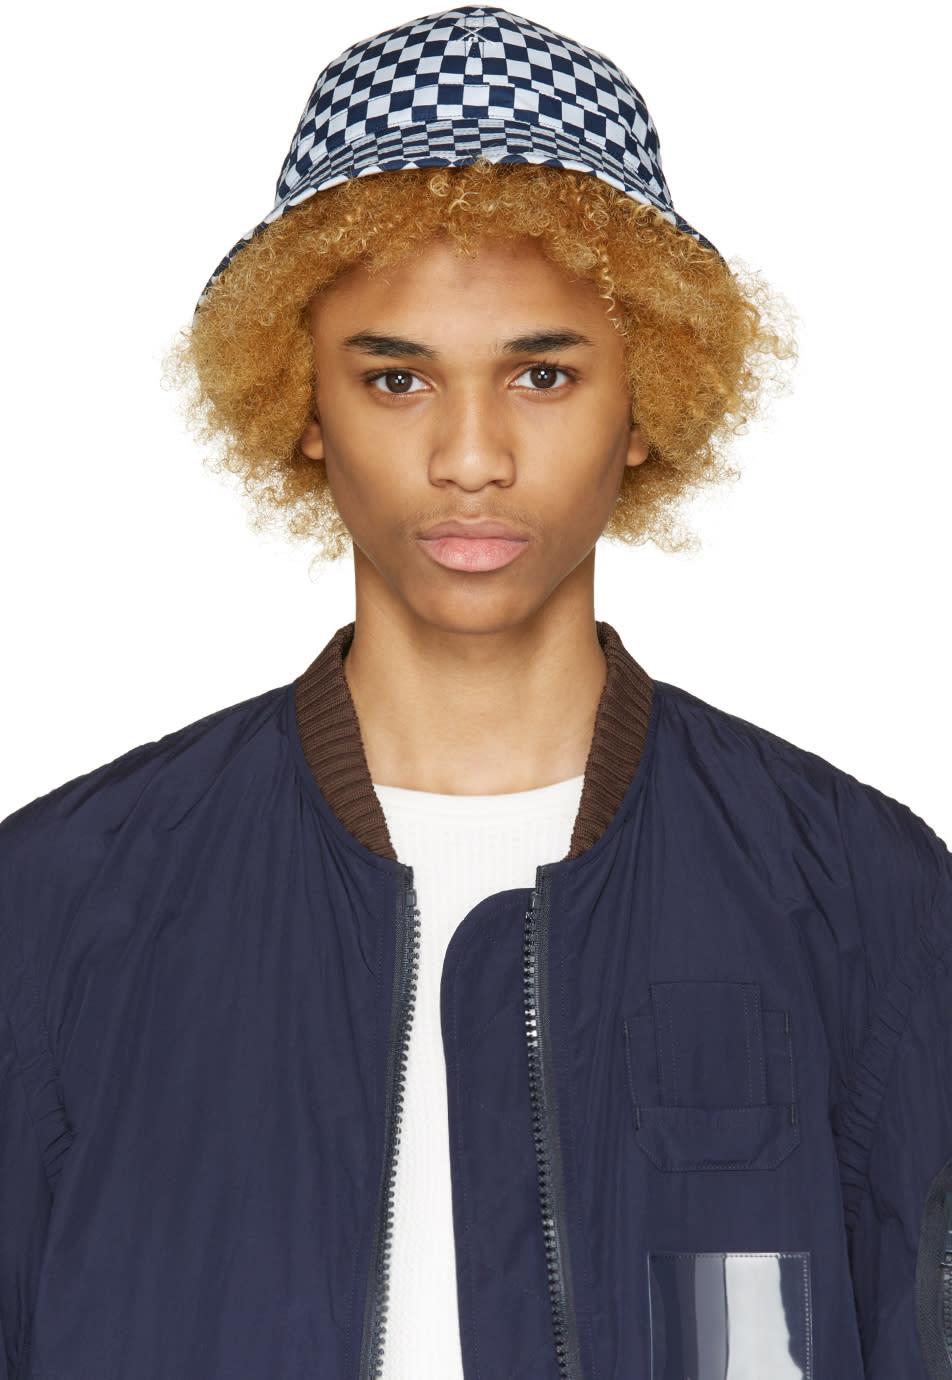 Sasquatchfabrix Blue Check Bucket Hat